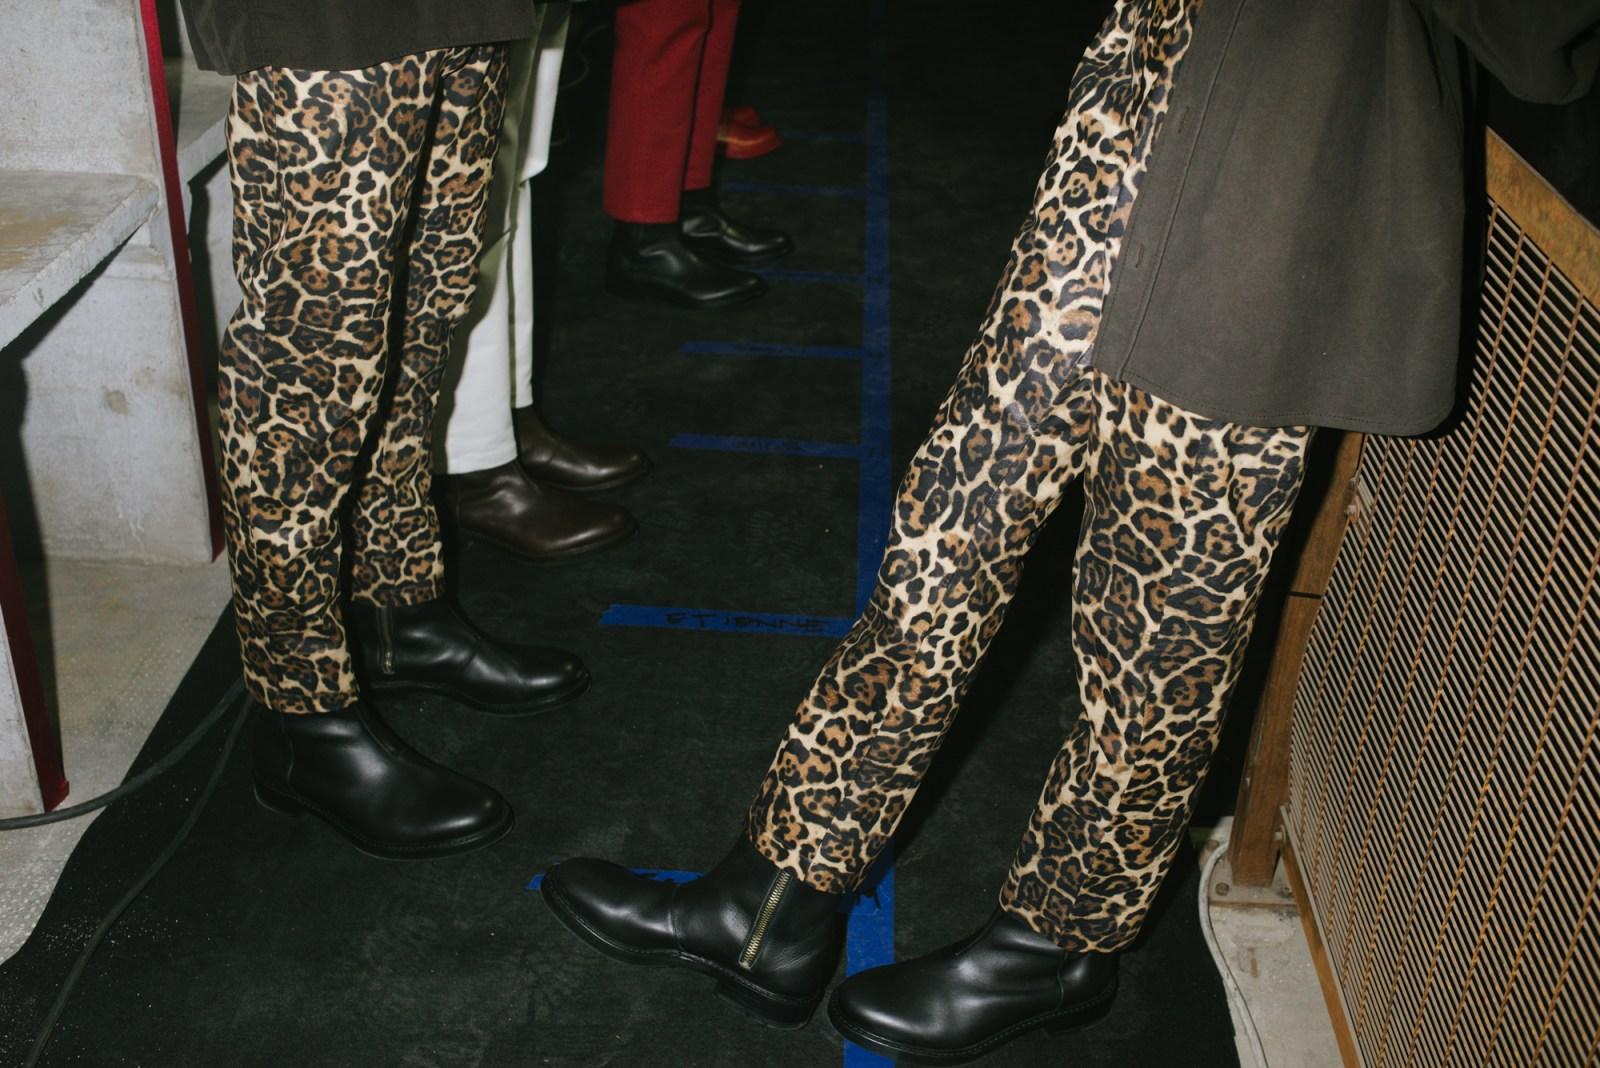 HYPEBEAST 直擊-第 95 屆 Pitti Uomo 男裝展五大亮點回顧